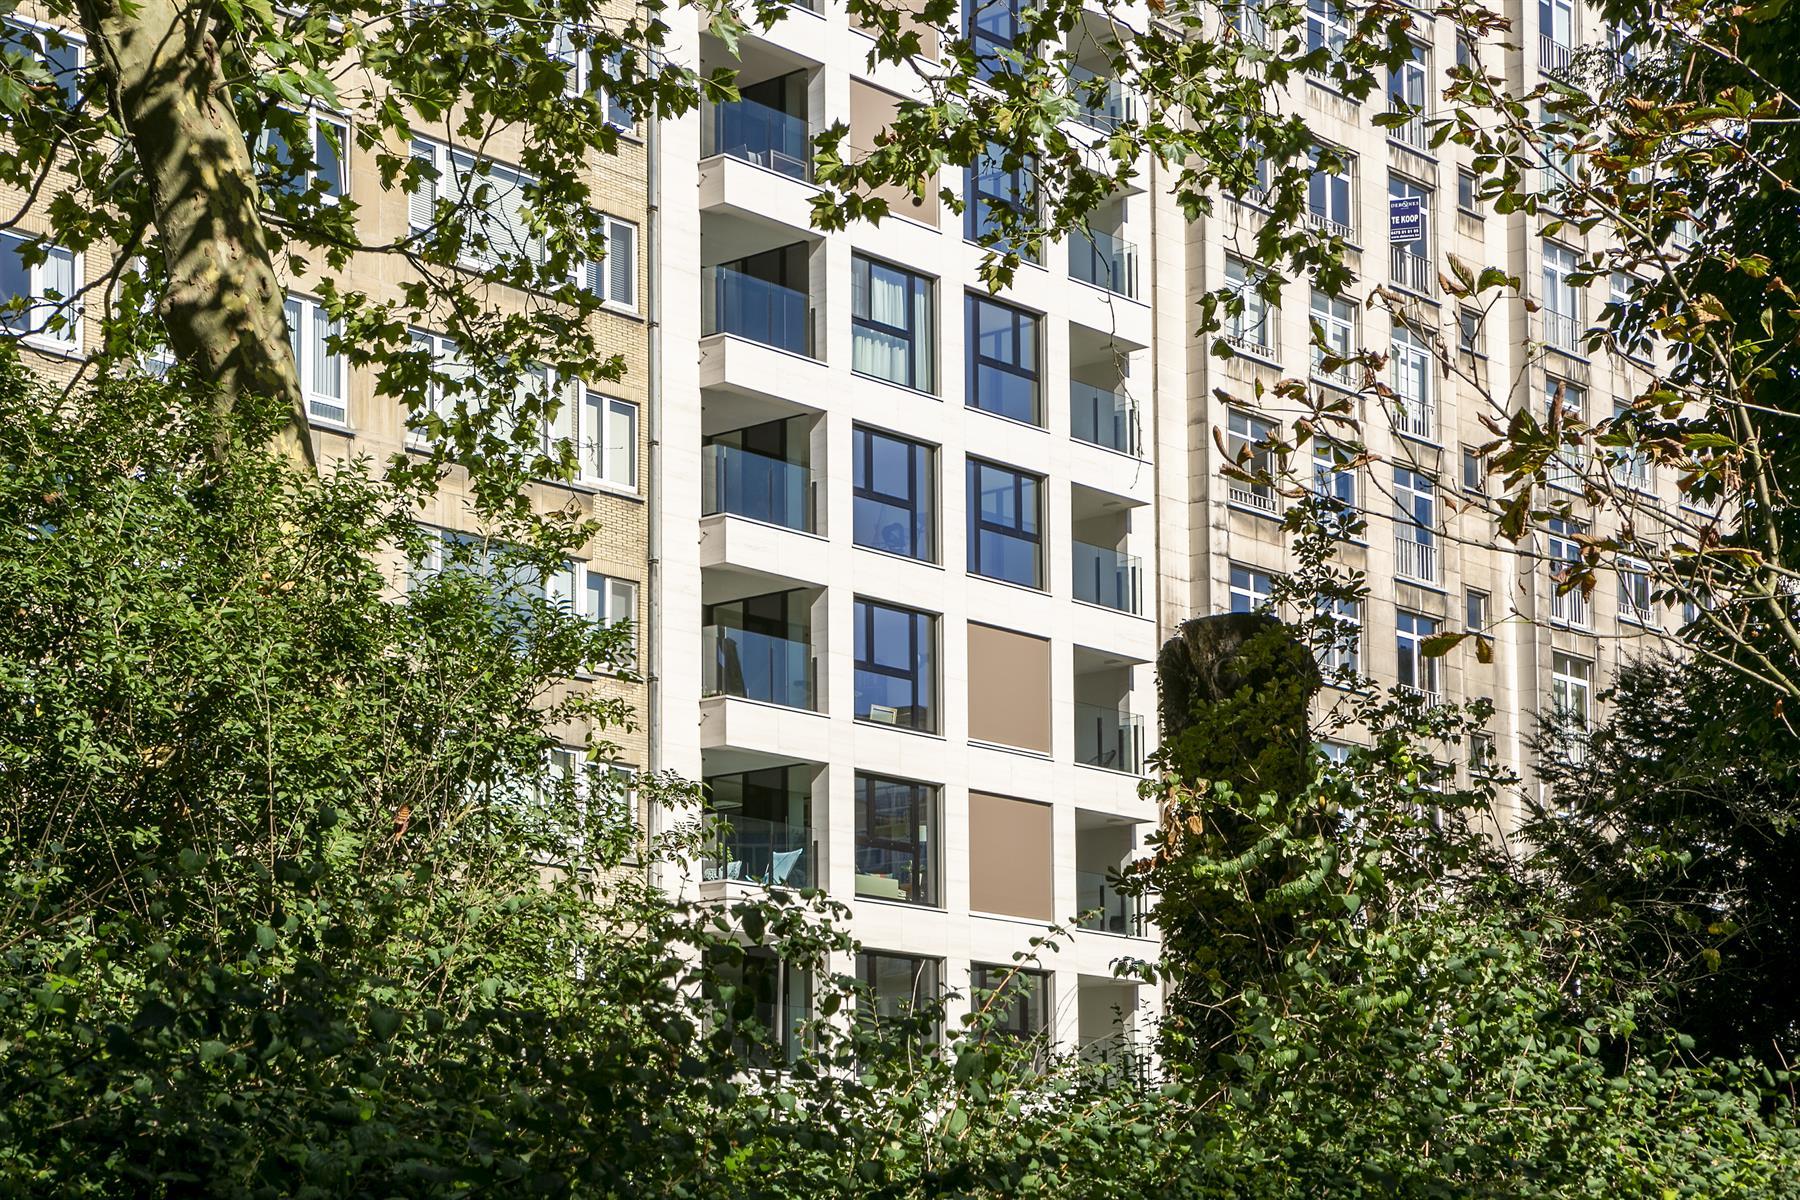 Spiksplinternieuw appartement aan het Antwerpse Stadspark.